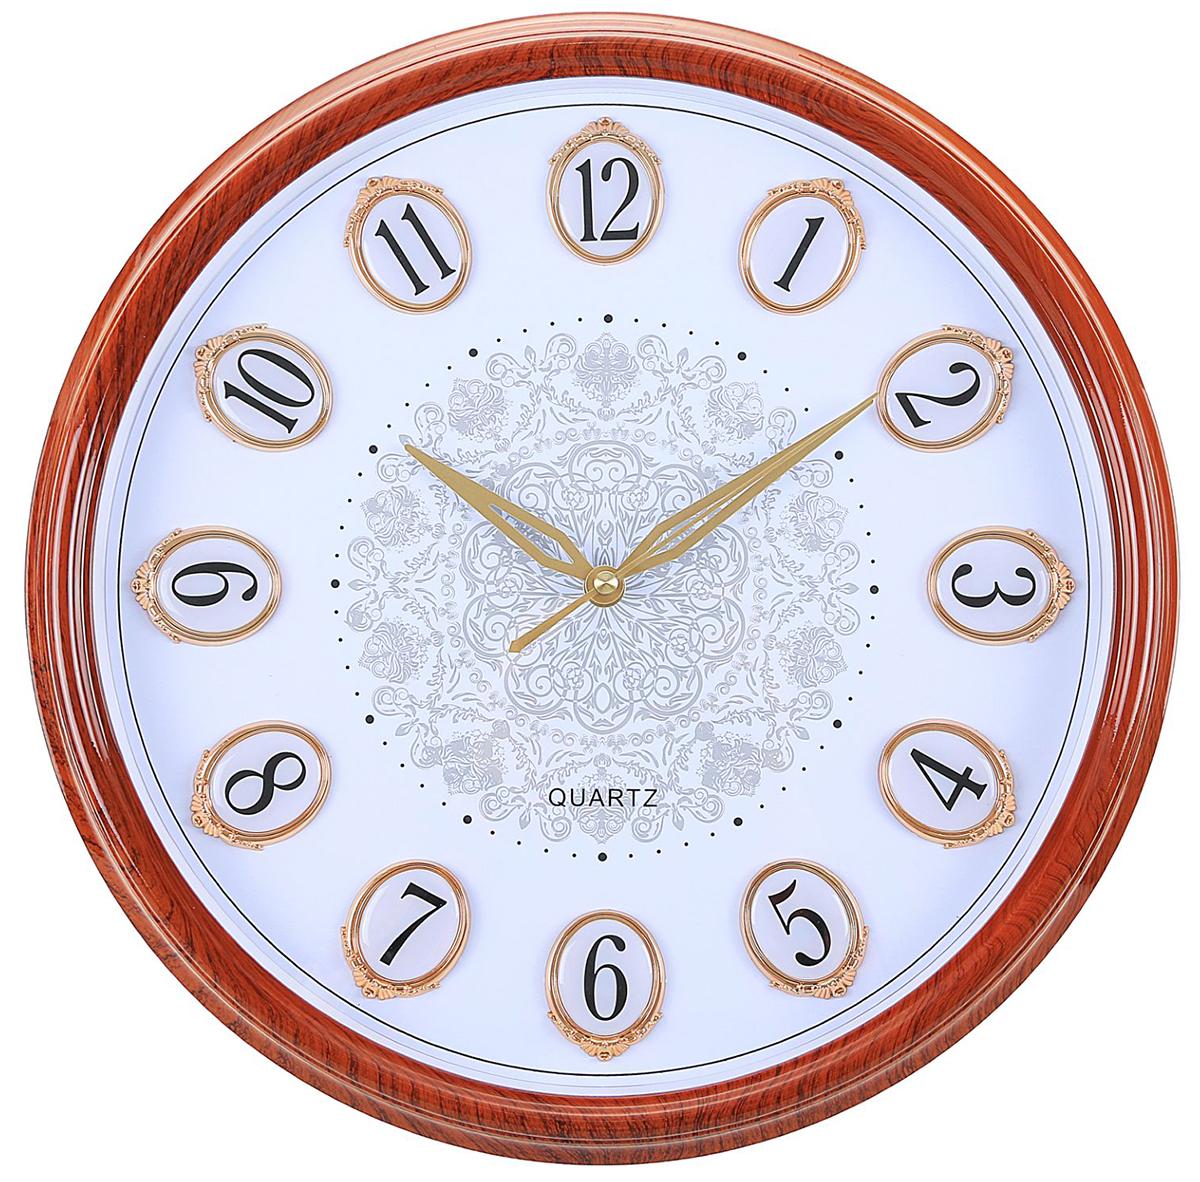 Часы настенные интерьерные Кружева, цвет: белый, дерево, 37 см2342160Каждому хозяину периодически приходит мысль обновить свою квартиру, сделать ремонт, перестановку или кардинально поменять внешний вид каждой комнаты. — привлекательная деталь, которая поможет воплотить вашу интерьерную идею, создать неповторимую атмосферу в вашем доме. Окружите себя приятными мелочами, пусть они радуют глаз и дарят гармонию.Часы настенные интерьерные Кружева, белый цифербл, обод под дерево, 37*6 см 2342160